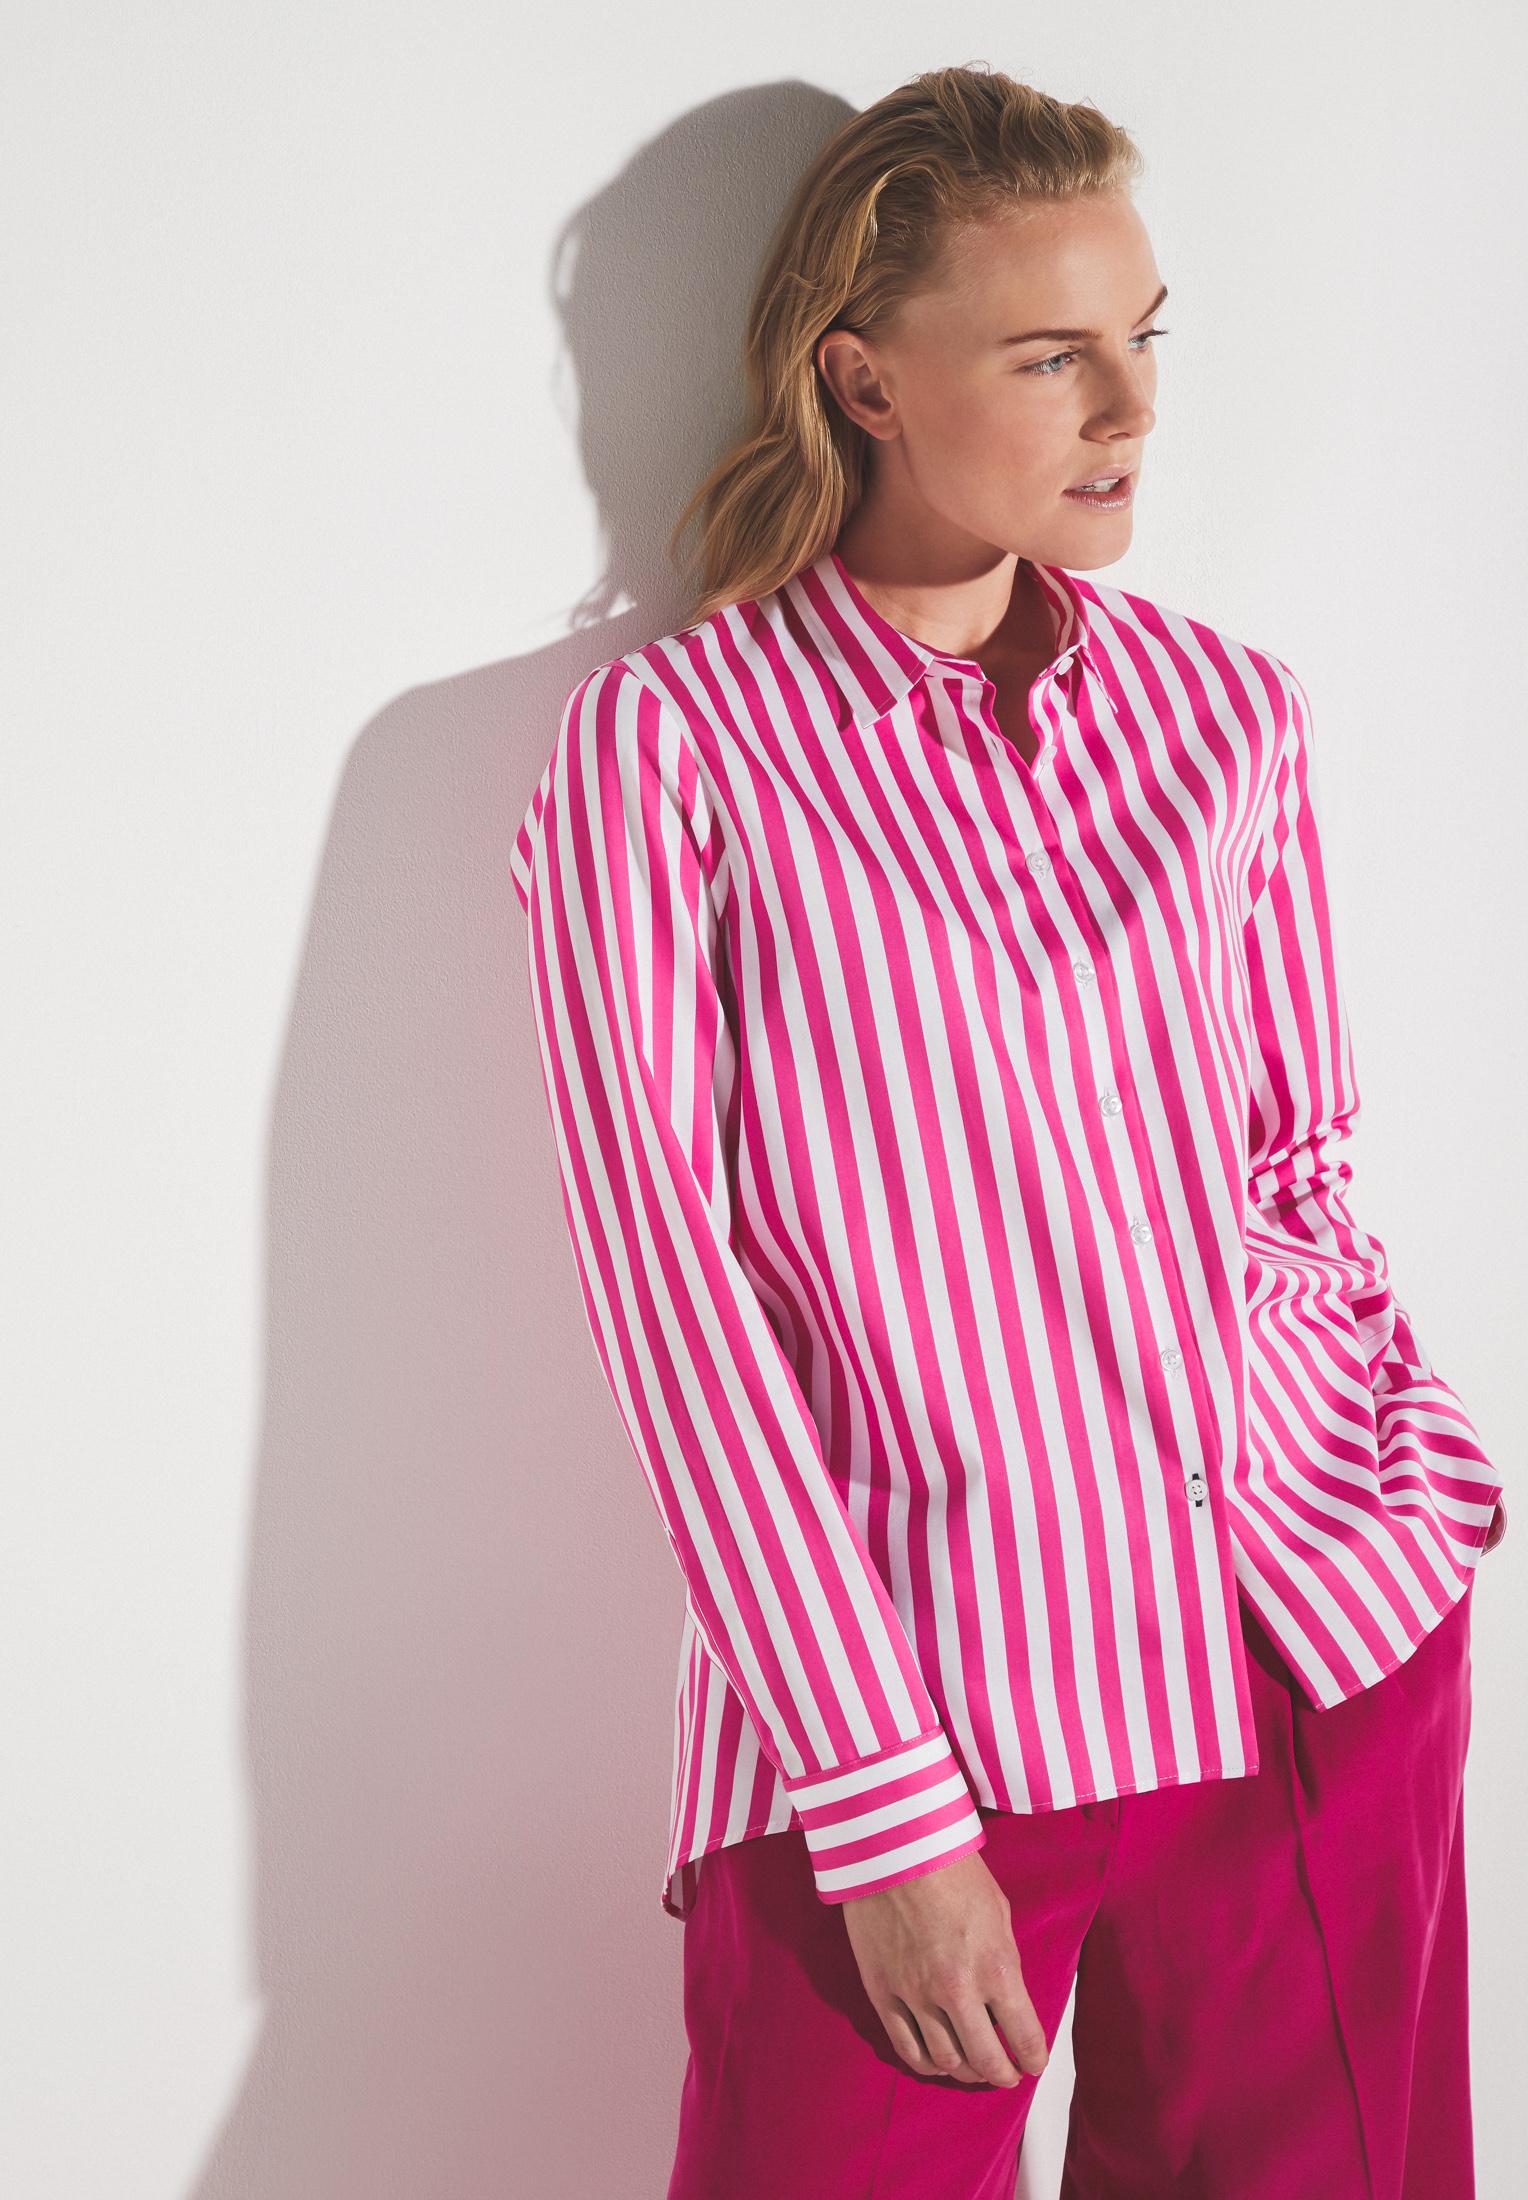 ETERNA 6285 Bluse Baumwolle pink/weiss